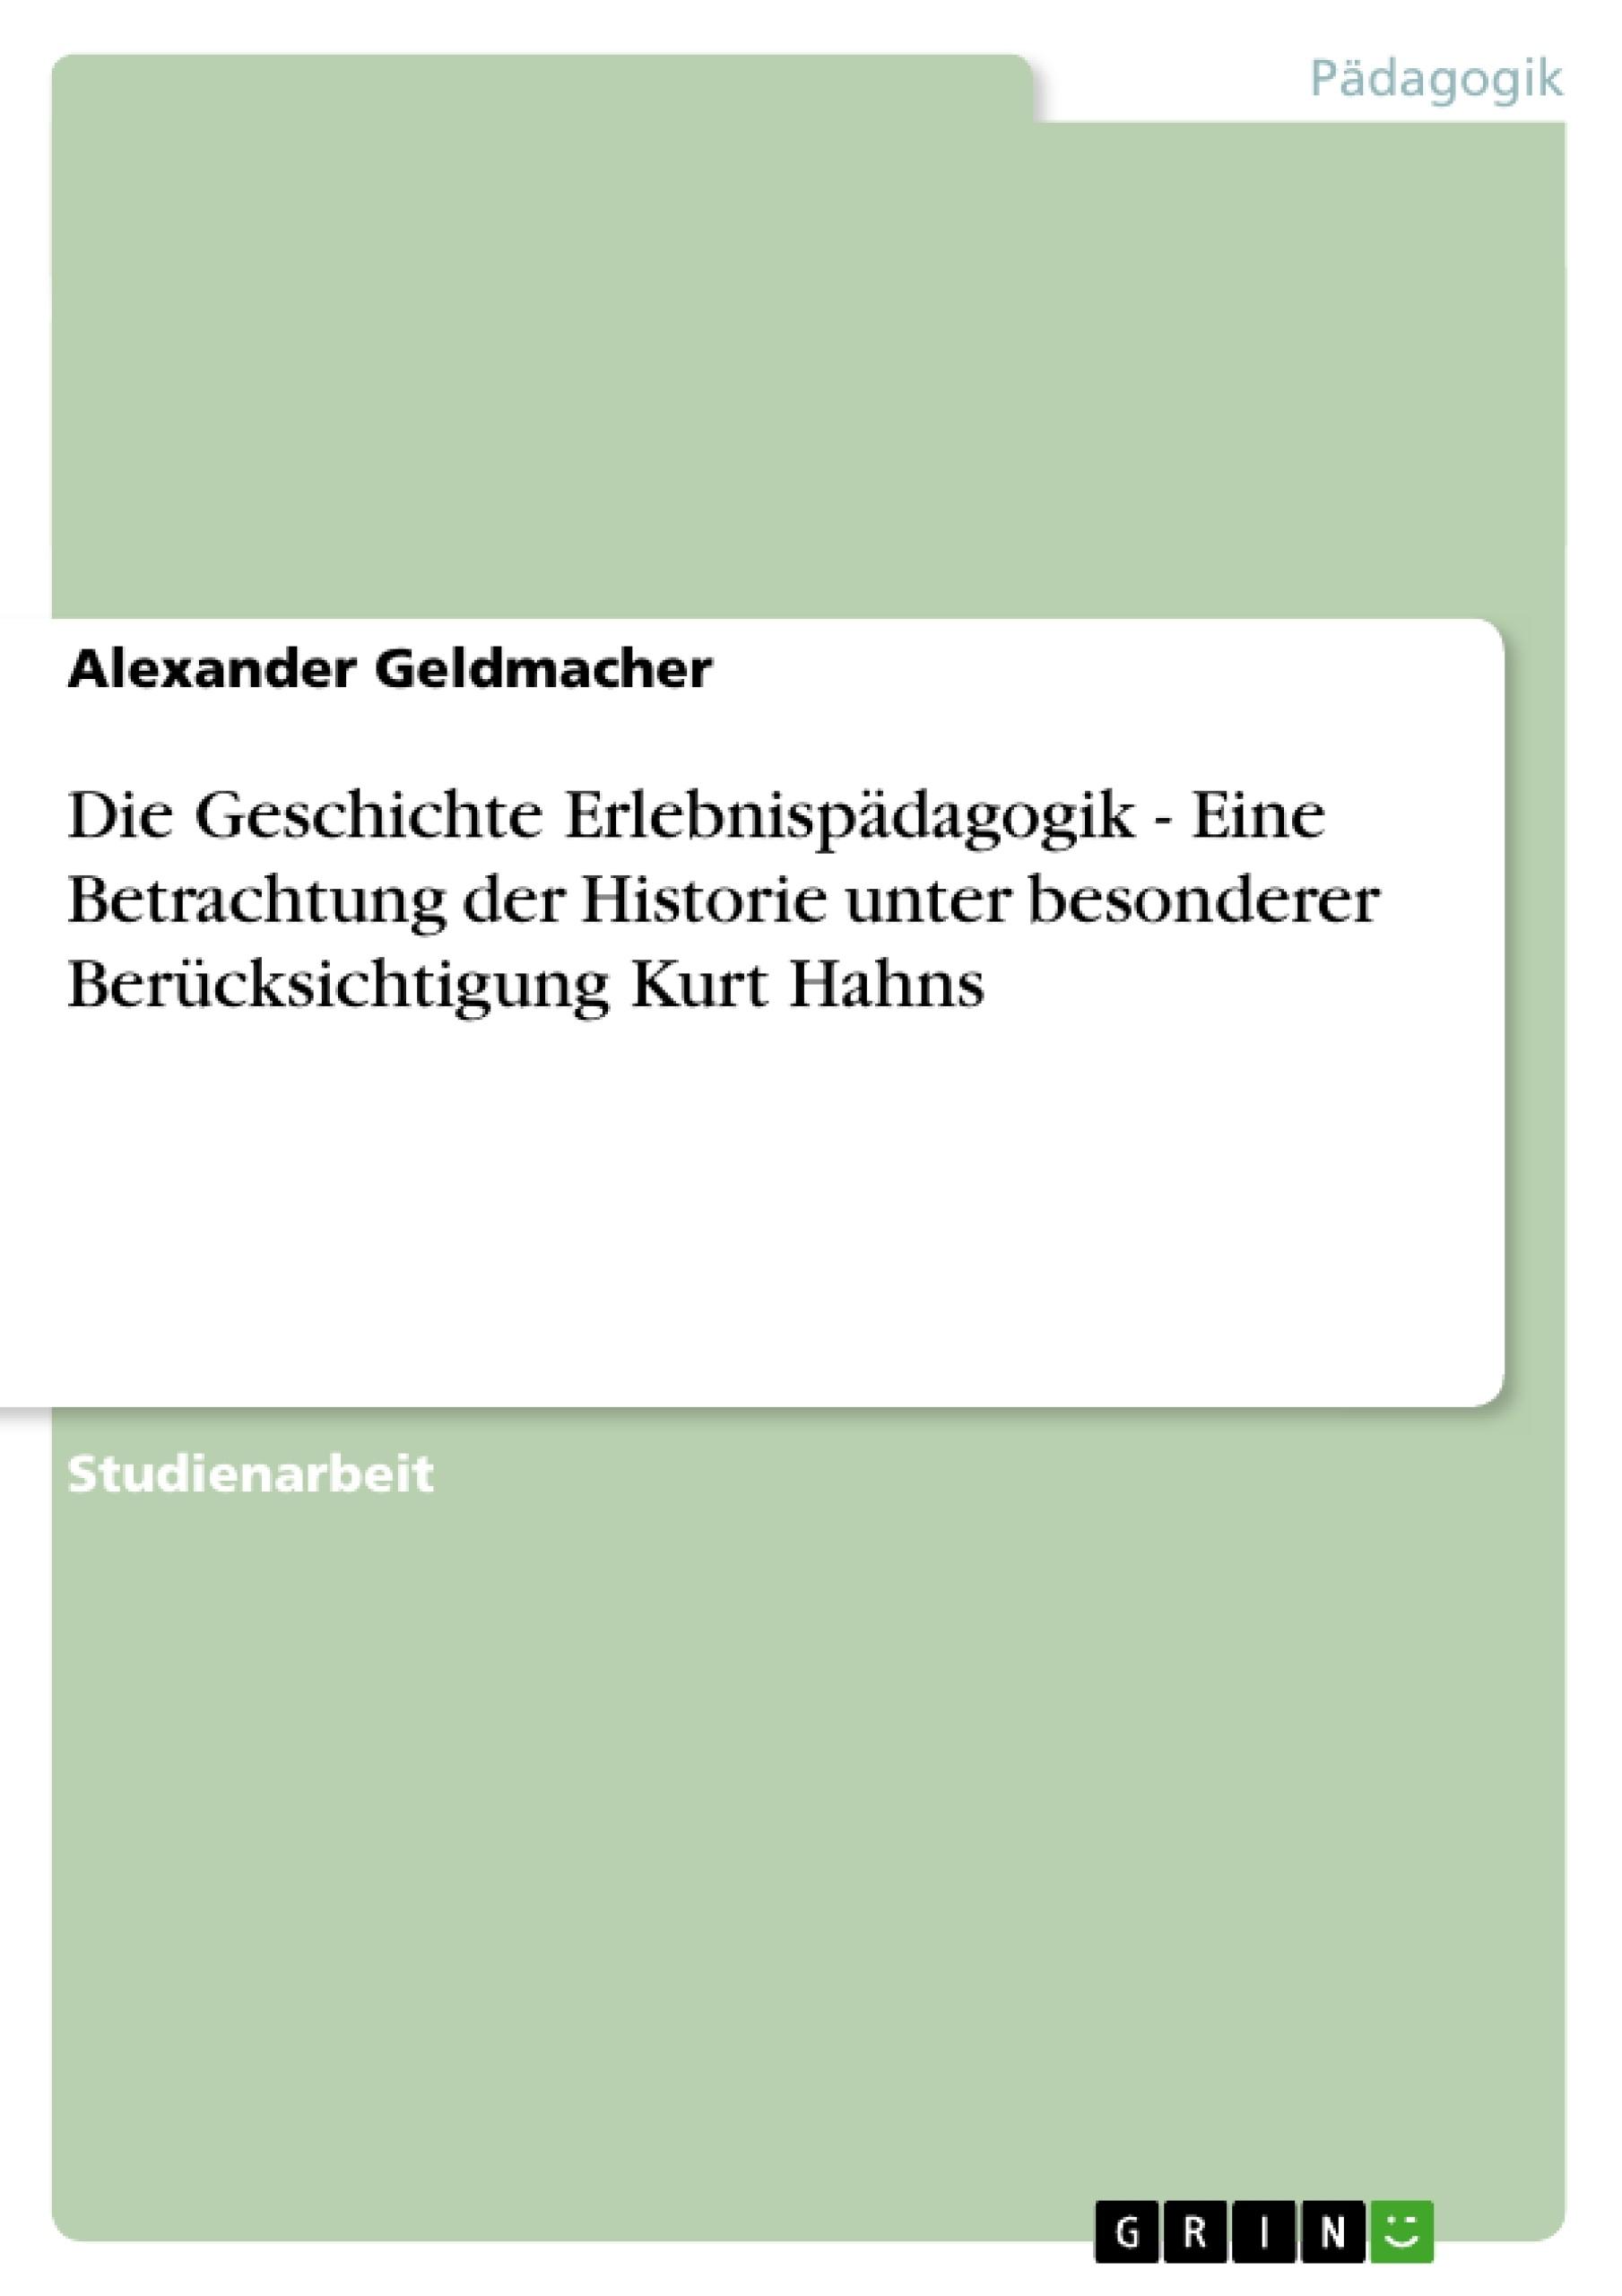 Titel: Die Geschichte Erlebnispädagogik - Eine Betrachtung der Historie unter besonderer Berücksichtigung Kurt Hahns